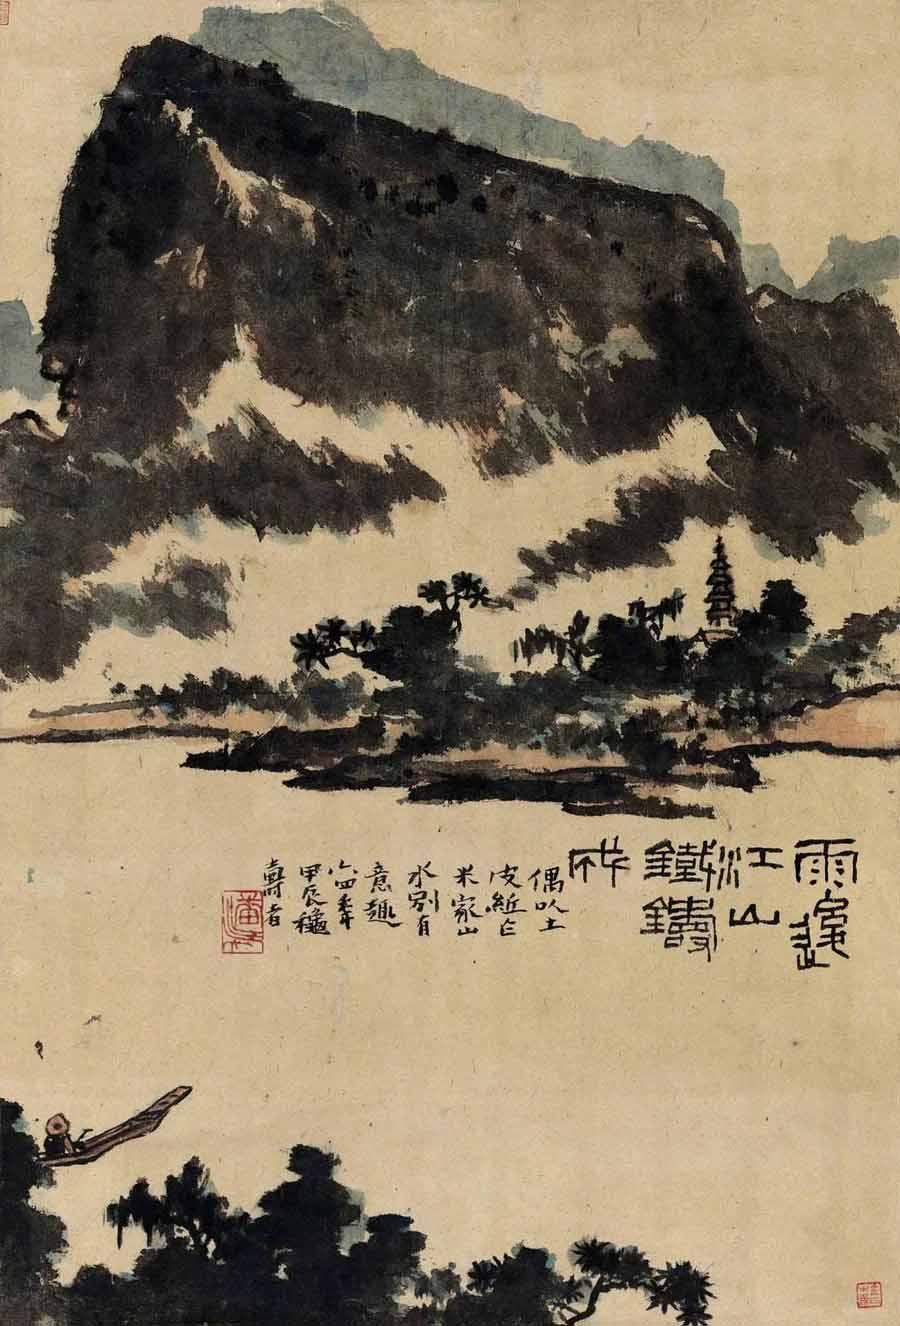 潘天寿 1964年作《 雨后江山铁铸成 》